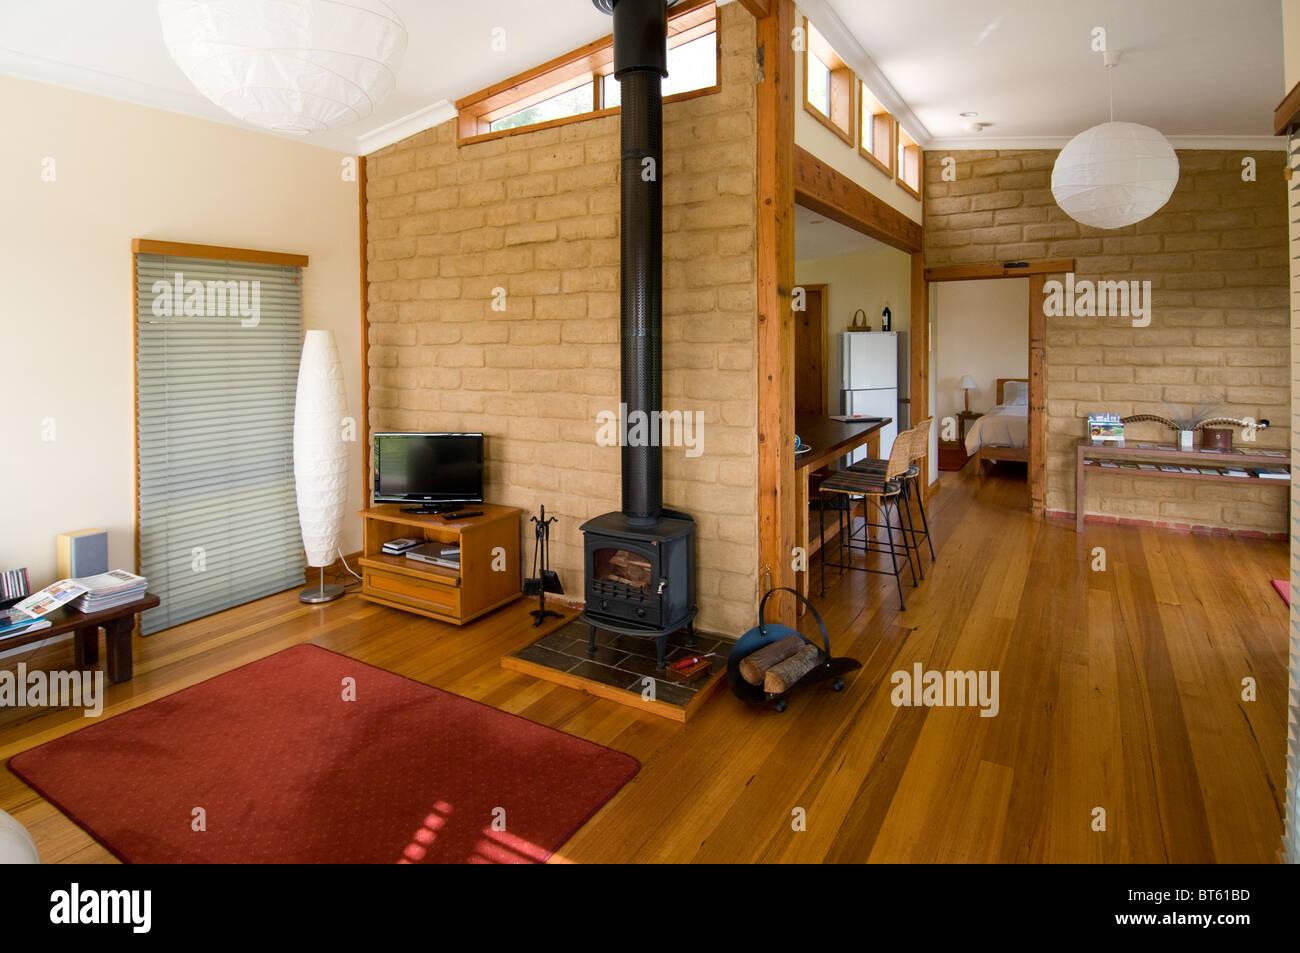 https://c8.alamy.com/compfr/bt61bd/melbourne-australie-du-sud-australie-bungalow-interieur-sud-surface-habitable-de-larchitecture-lasie-larriere-plan-bambou-plage-lit-bt61bd.jpg